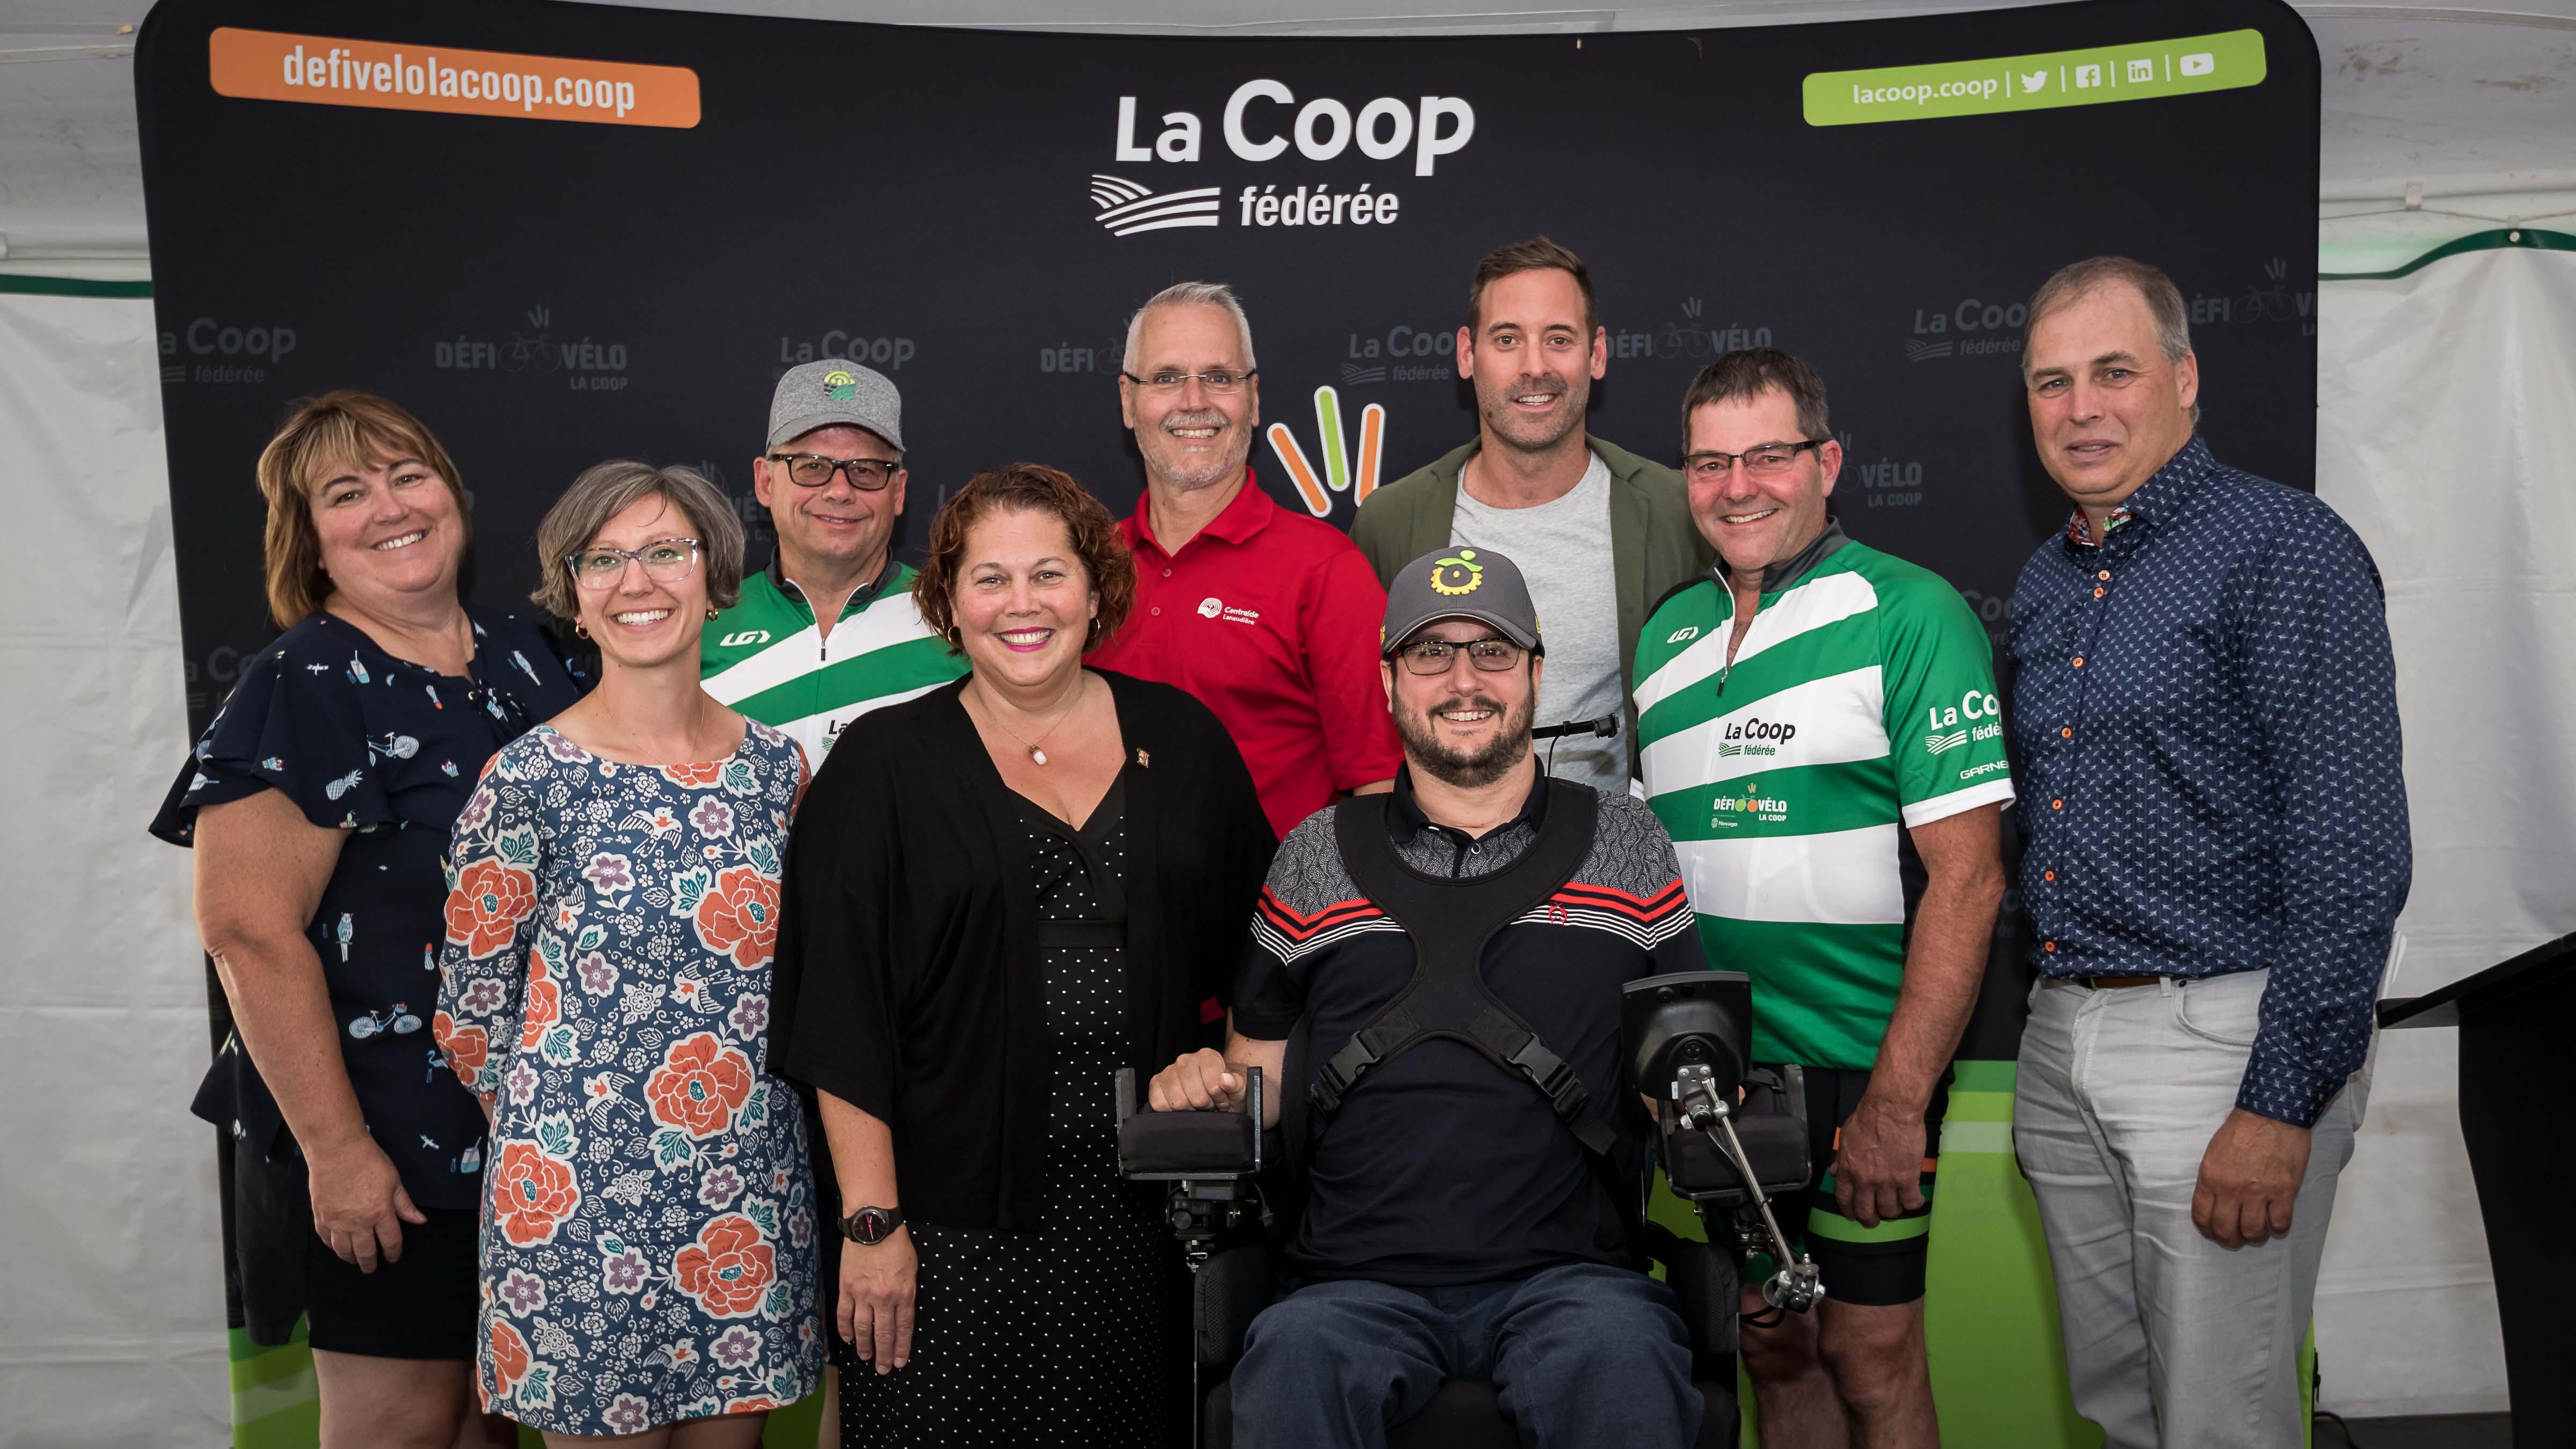 Défi Vélo La Coop